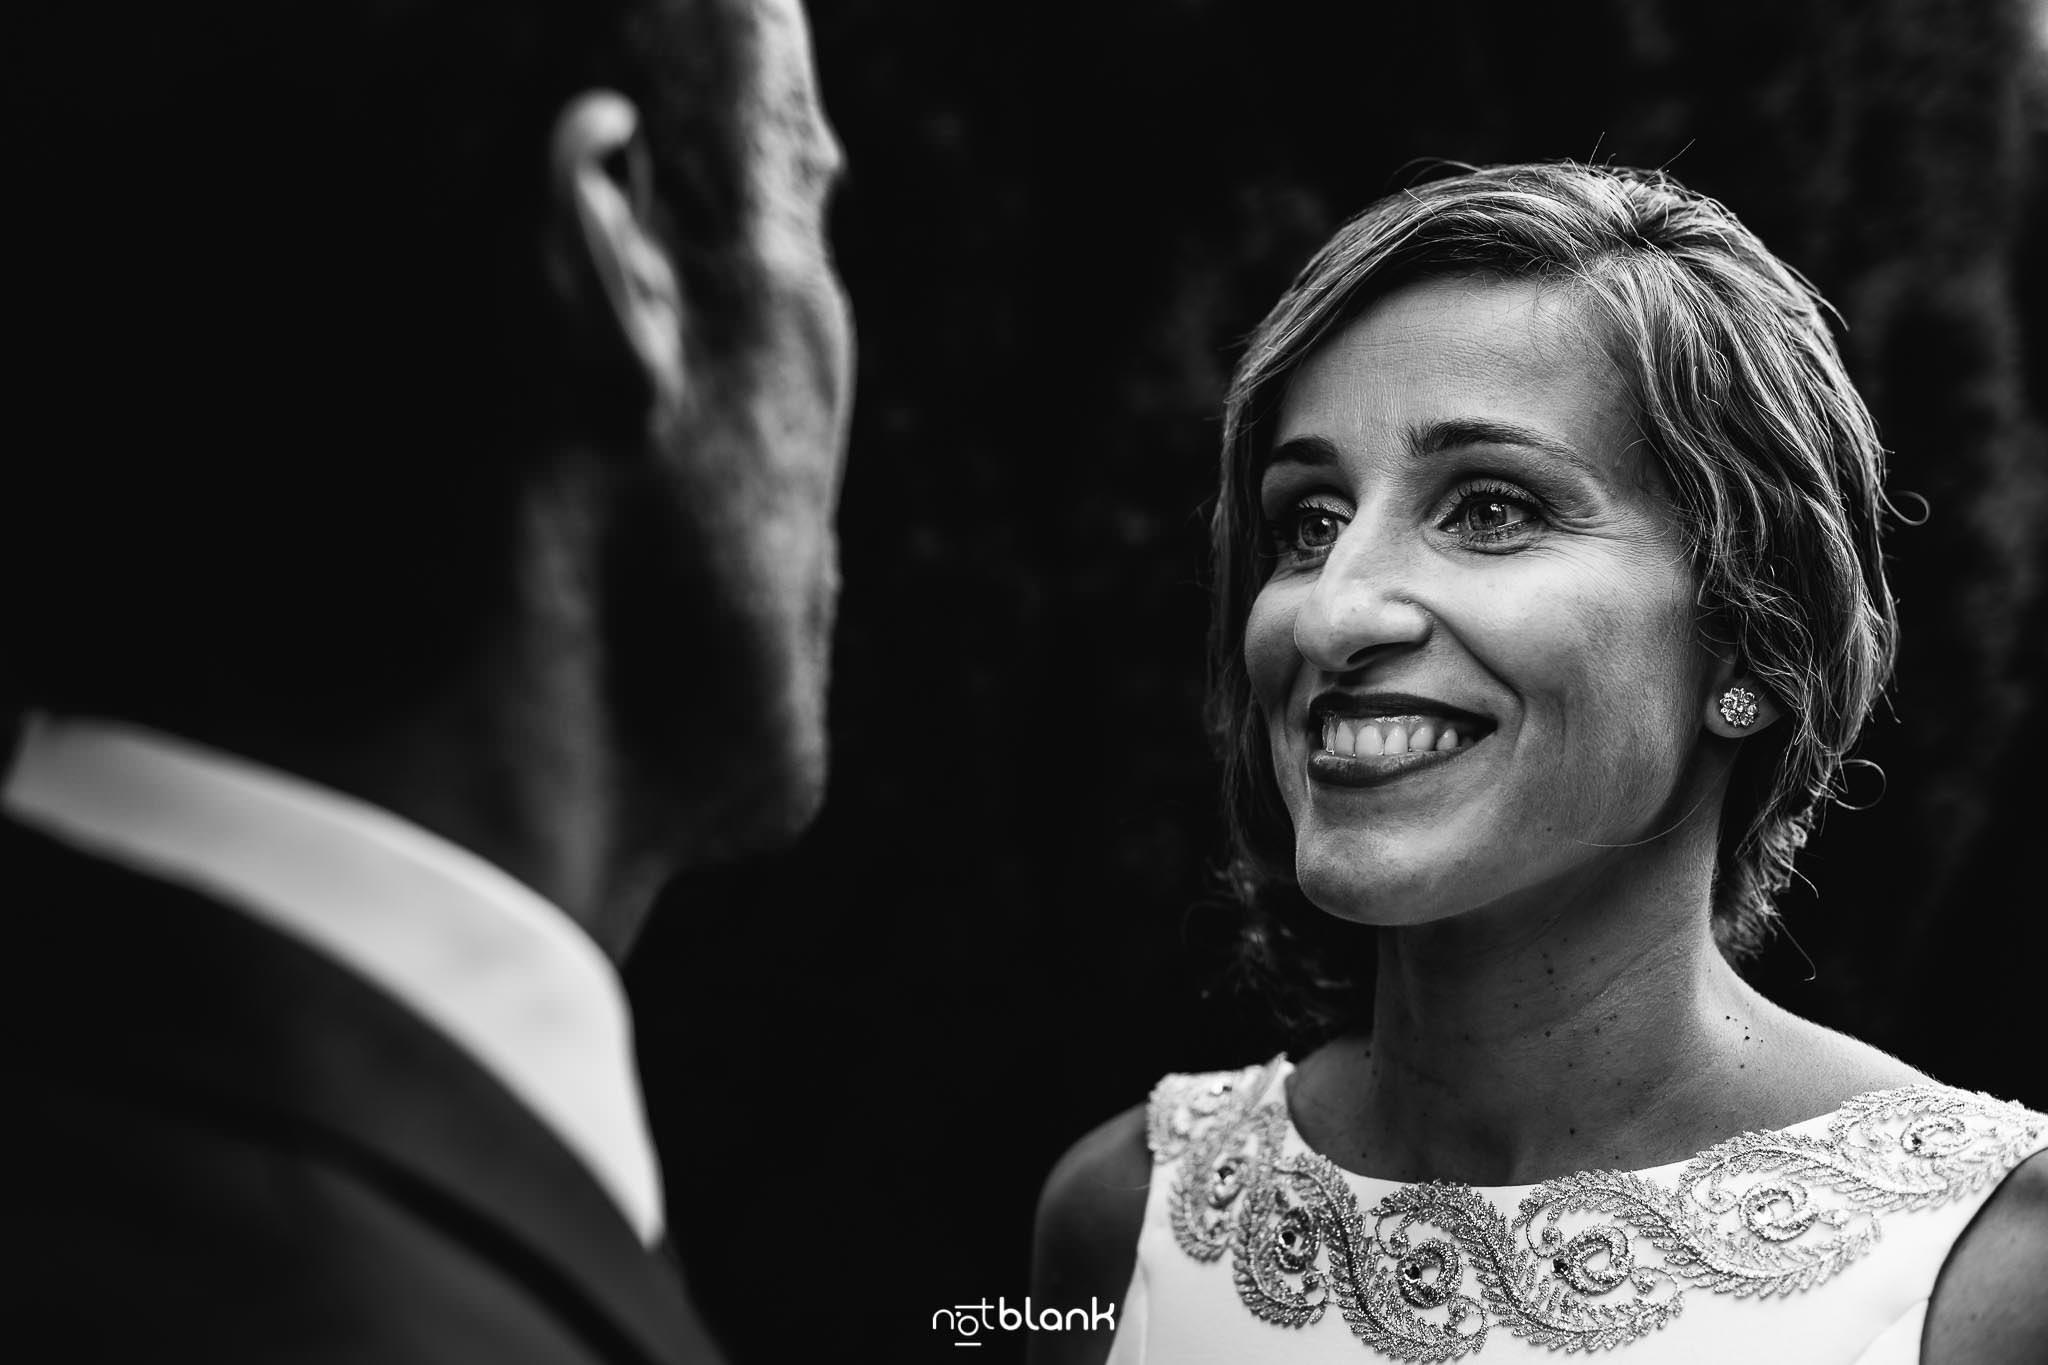 Boda En El Jardin De Casa Jana y Fran - La novia que tiene una mirada cristalina sonrie enamorada a su esposo - Notblank Fotografos de boda